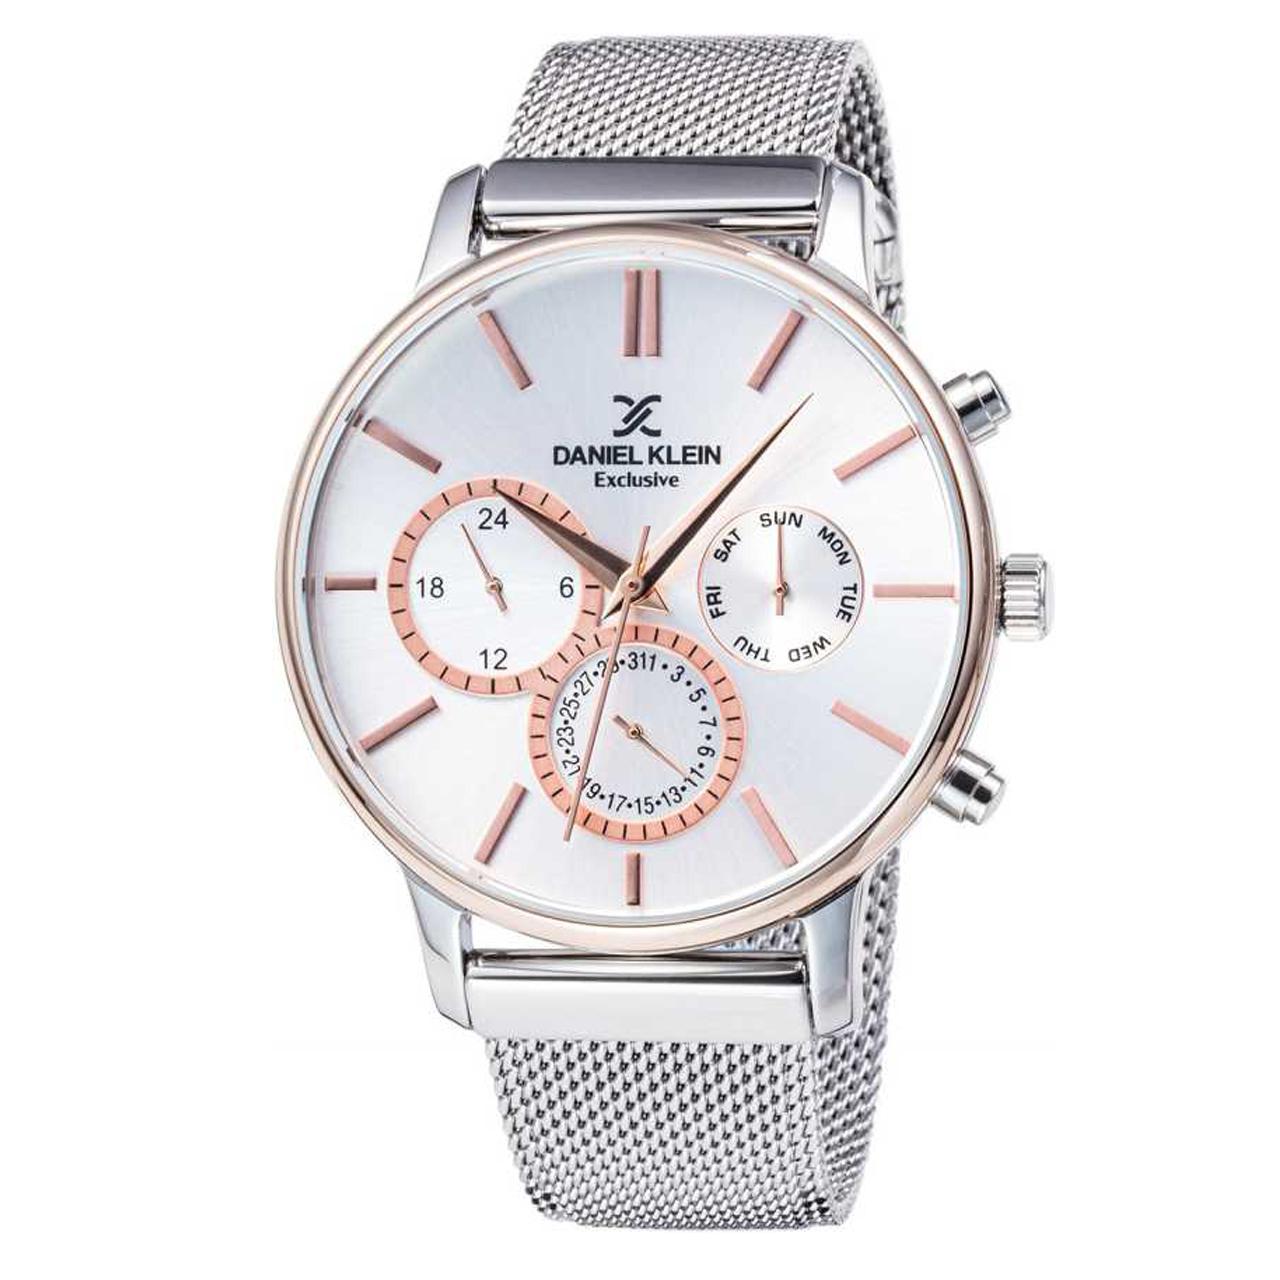 ساعت مچی عقربه ای مردانه دنیل کلین مدل DK11857-5 به همراه دستمال مخصوص برند کلین واچ